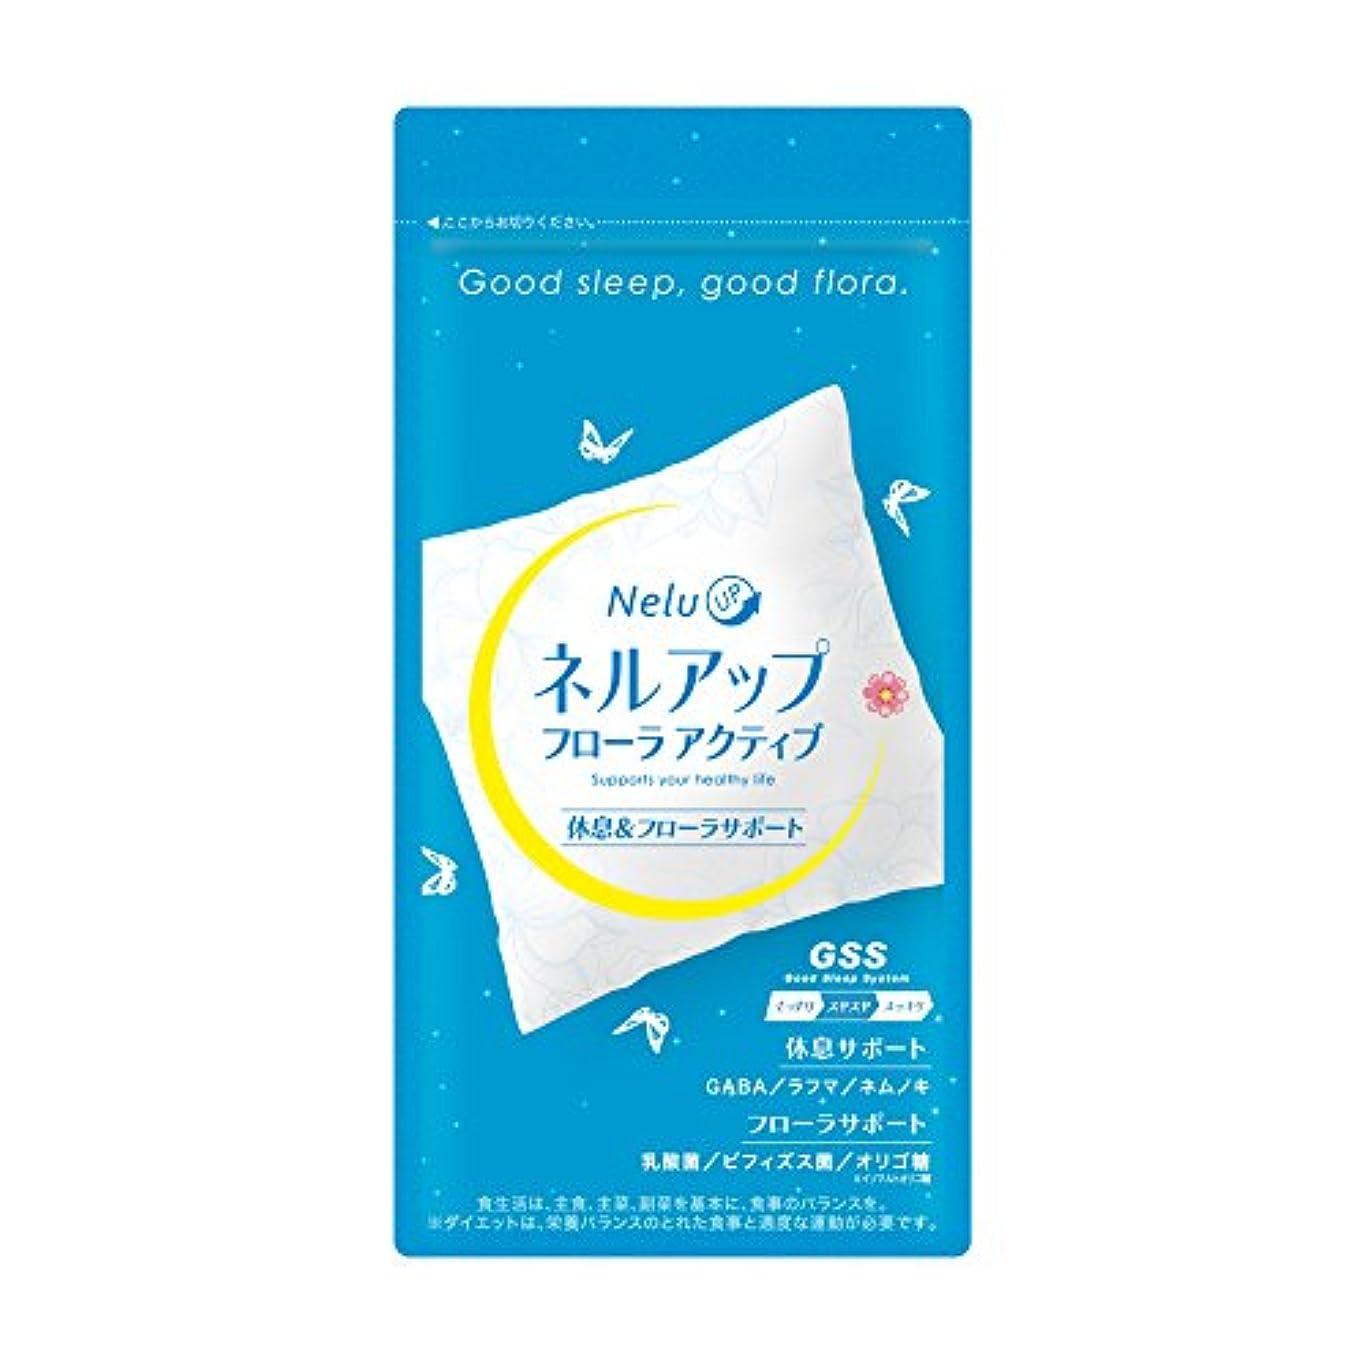 ネルアップフローラアクティブ 62粒 ダイエット ダイエットサプリ ダイエットサプリメント 睡眠 GABA